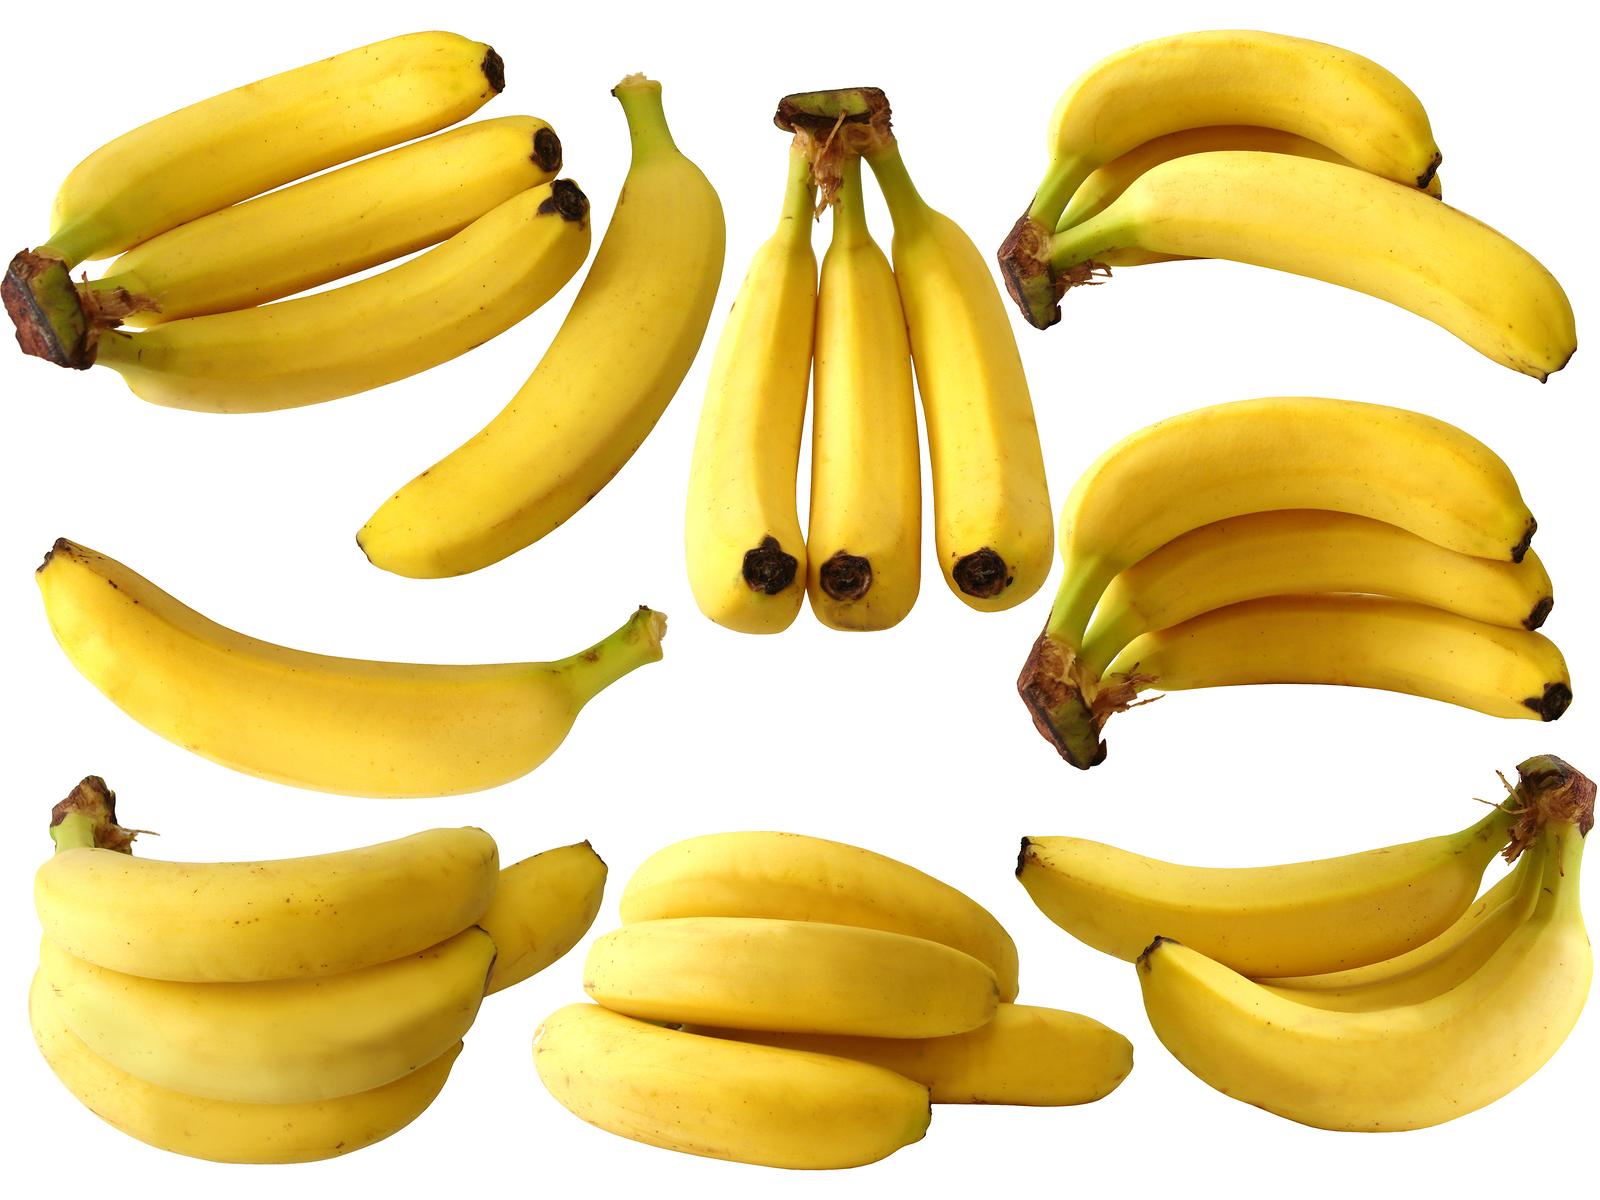 bananas images bananas hd wallpaper and background photos (41248815)